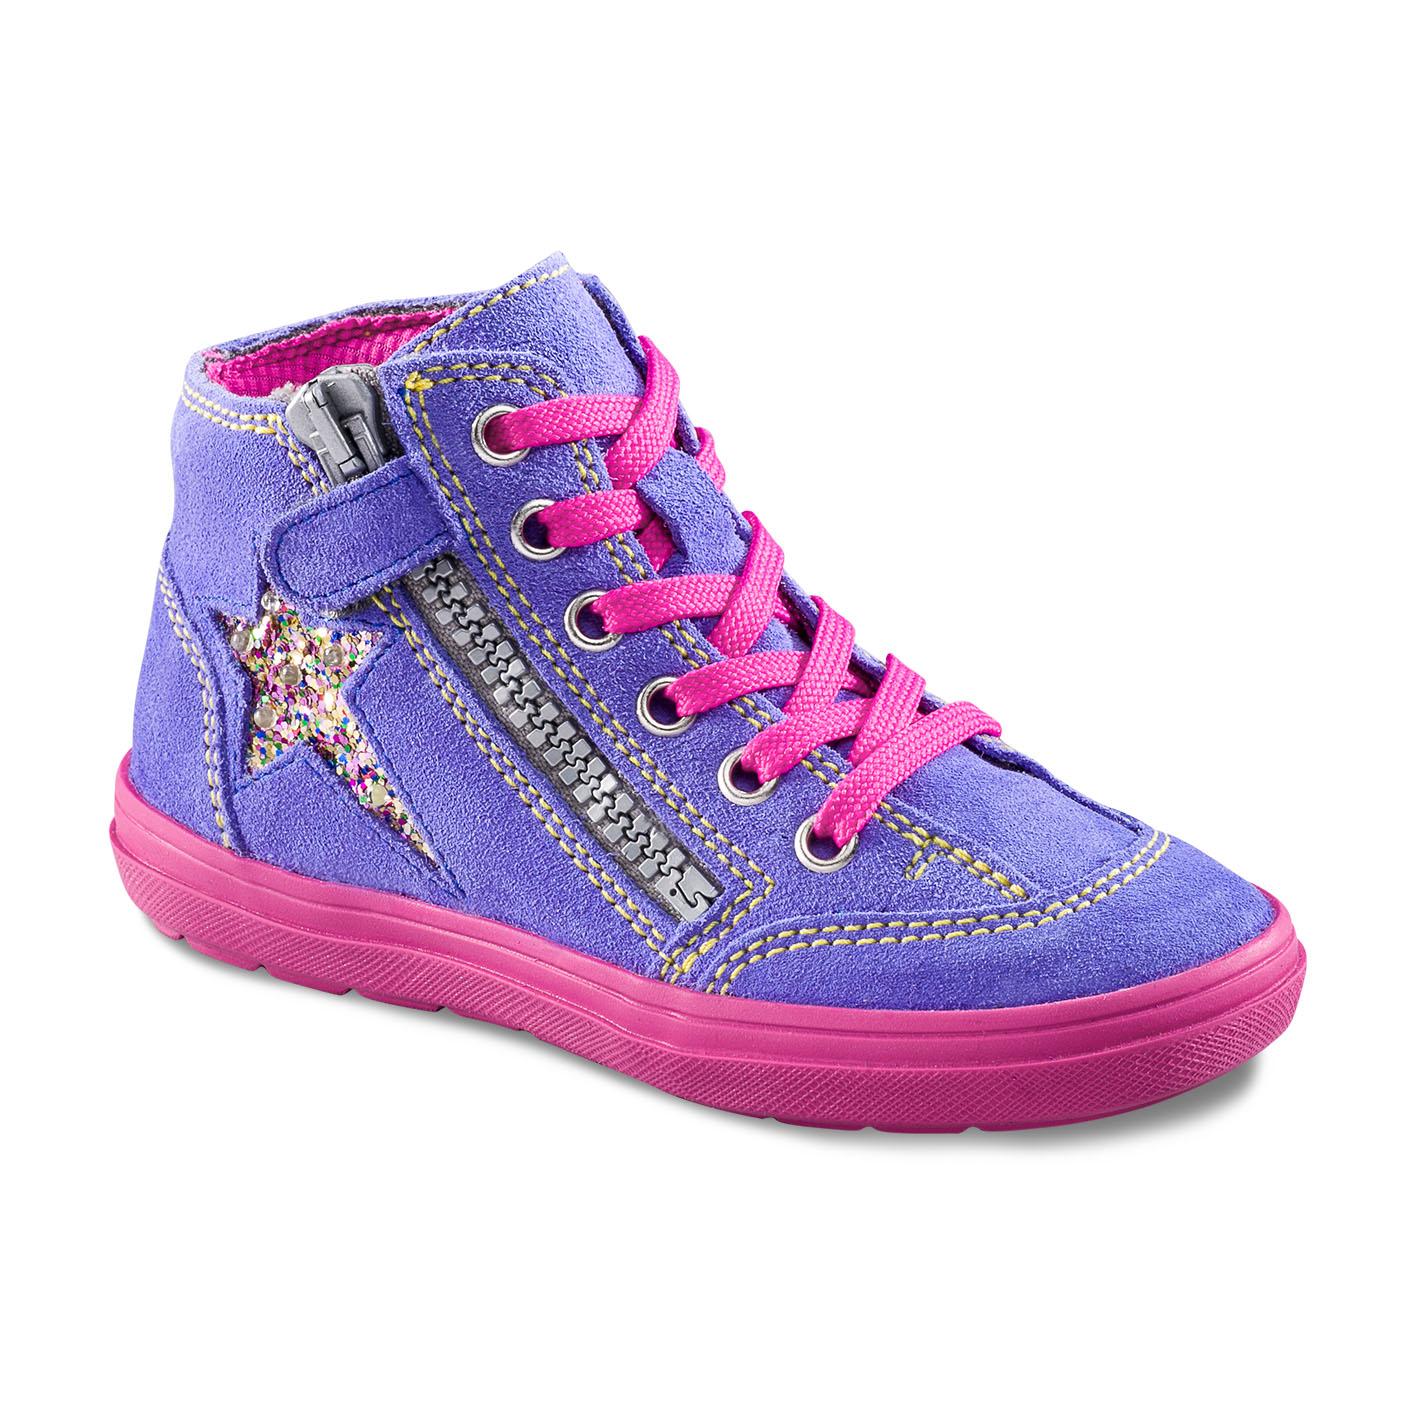 8614fc01641a RICHTER dětská celoroční obuv 4441731411 empty